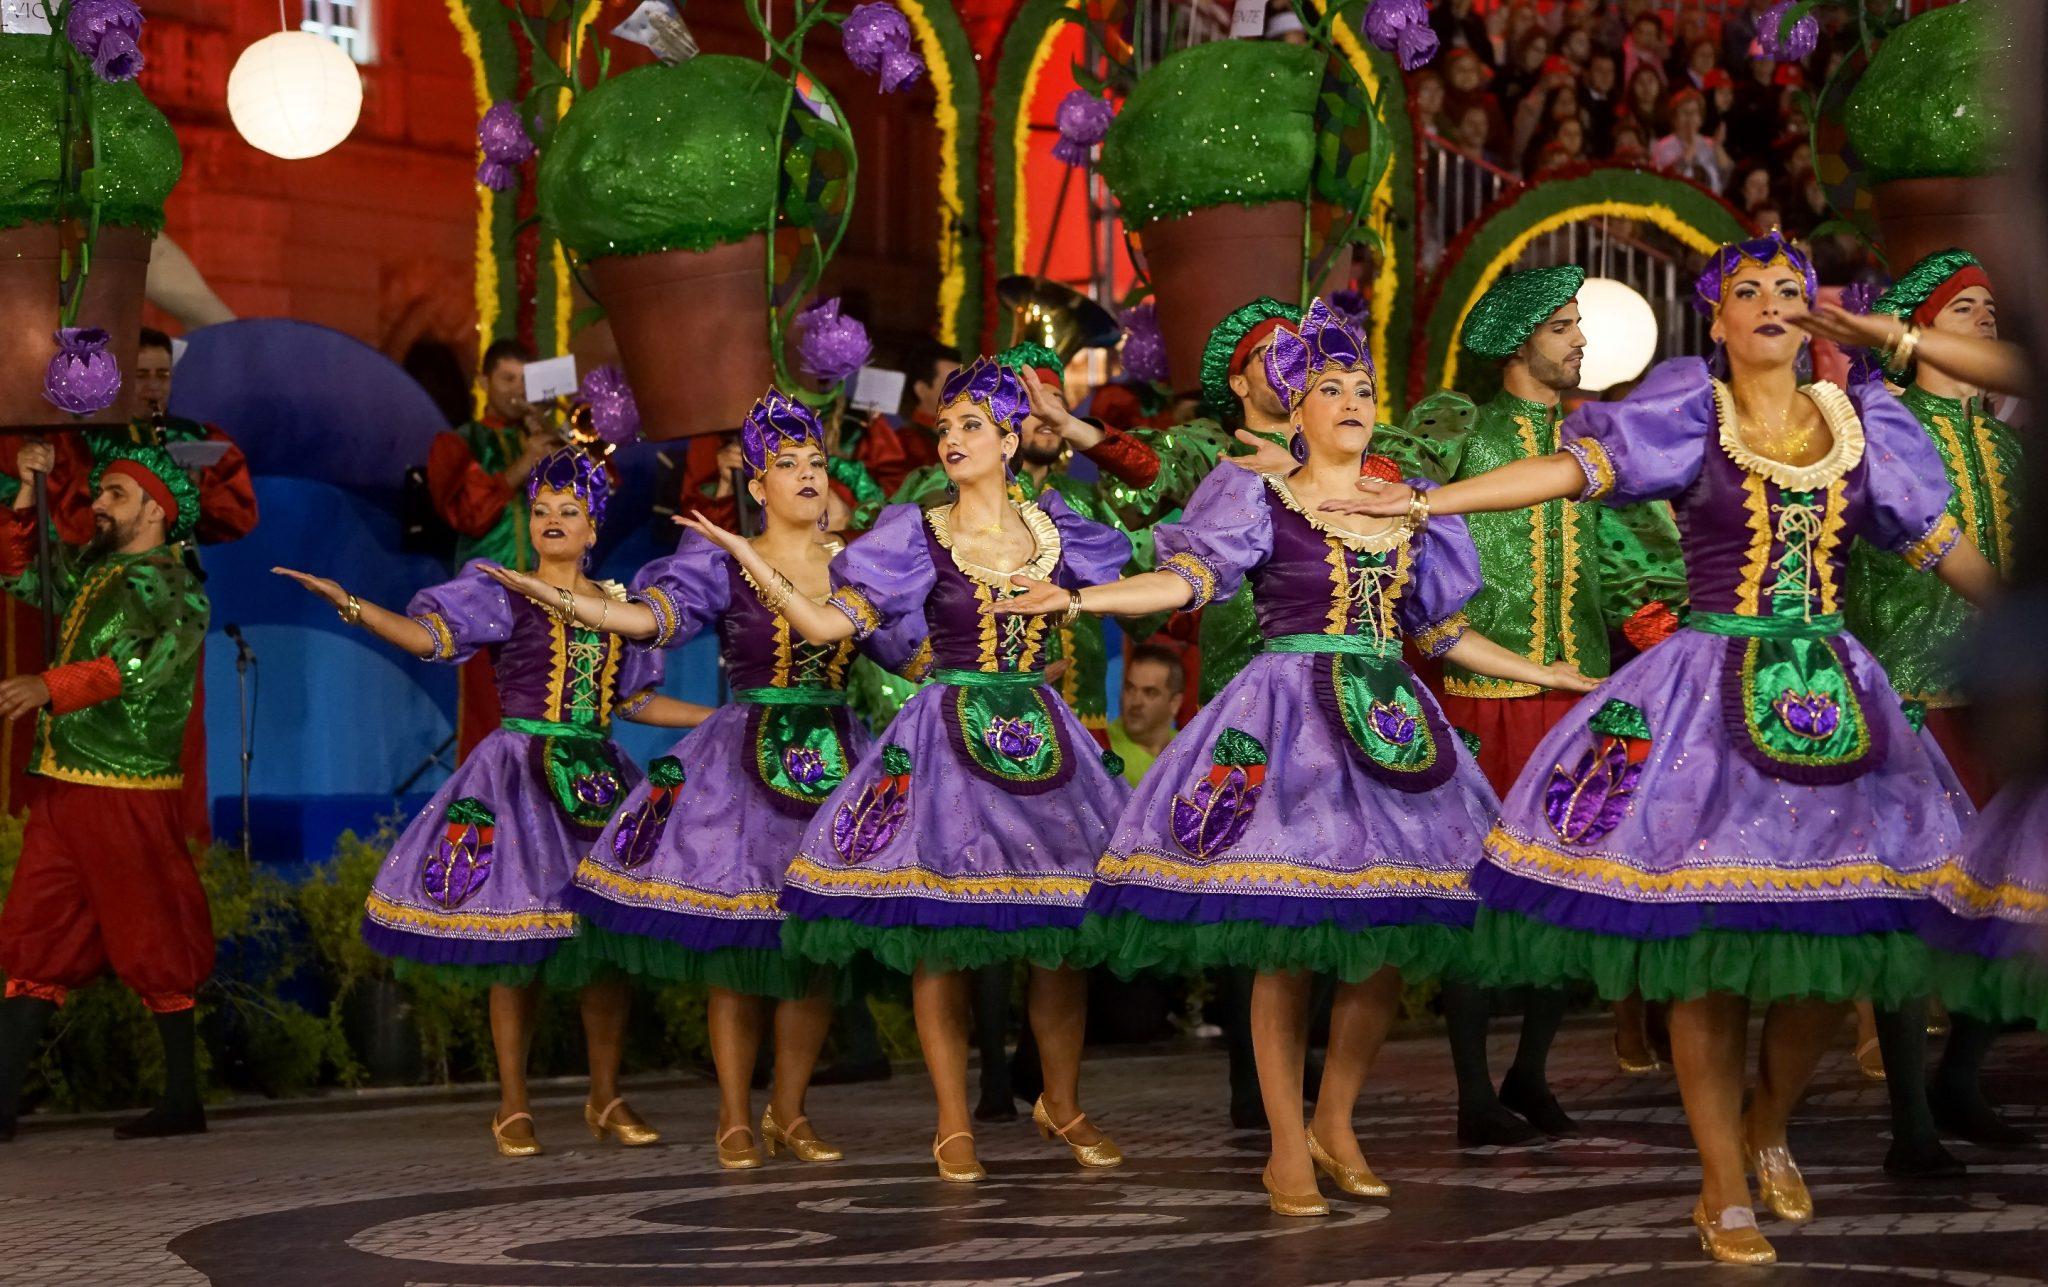 De lado para o observador, um grupo de cinco mulheres vestidas com saias rodadas roxas e um corpete da mesma cor dançam na Avenida da Liberdade. Estão de braços estendidos e em segundo planos vêem-se os arcos em forma de manjericos gigantes.